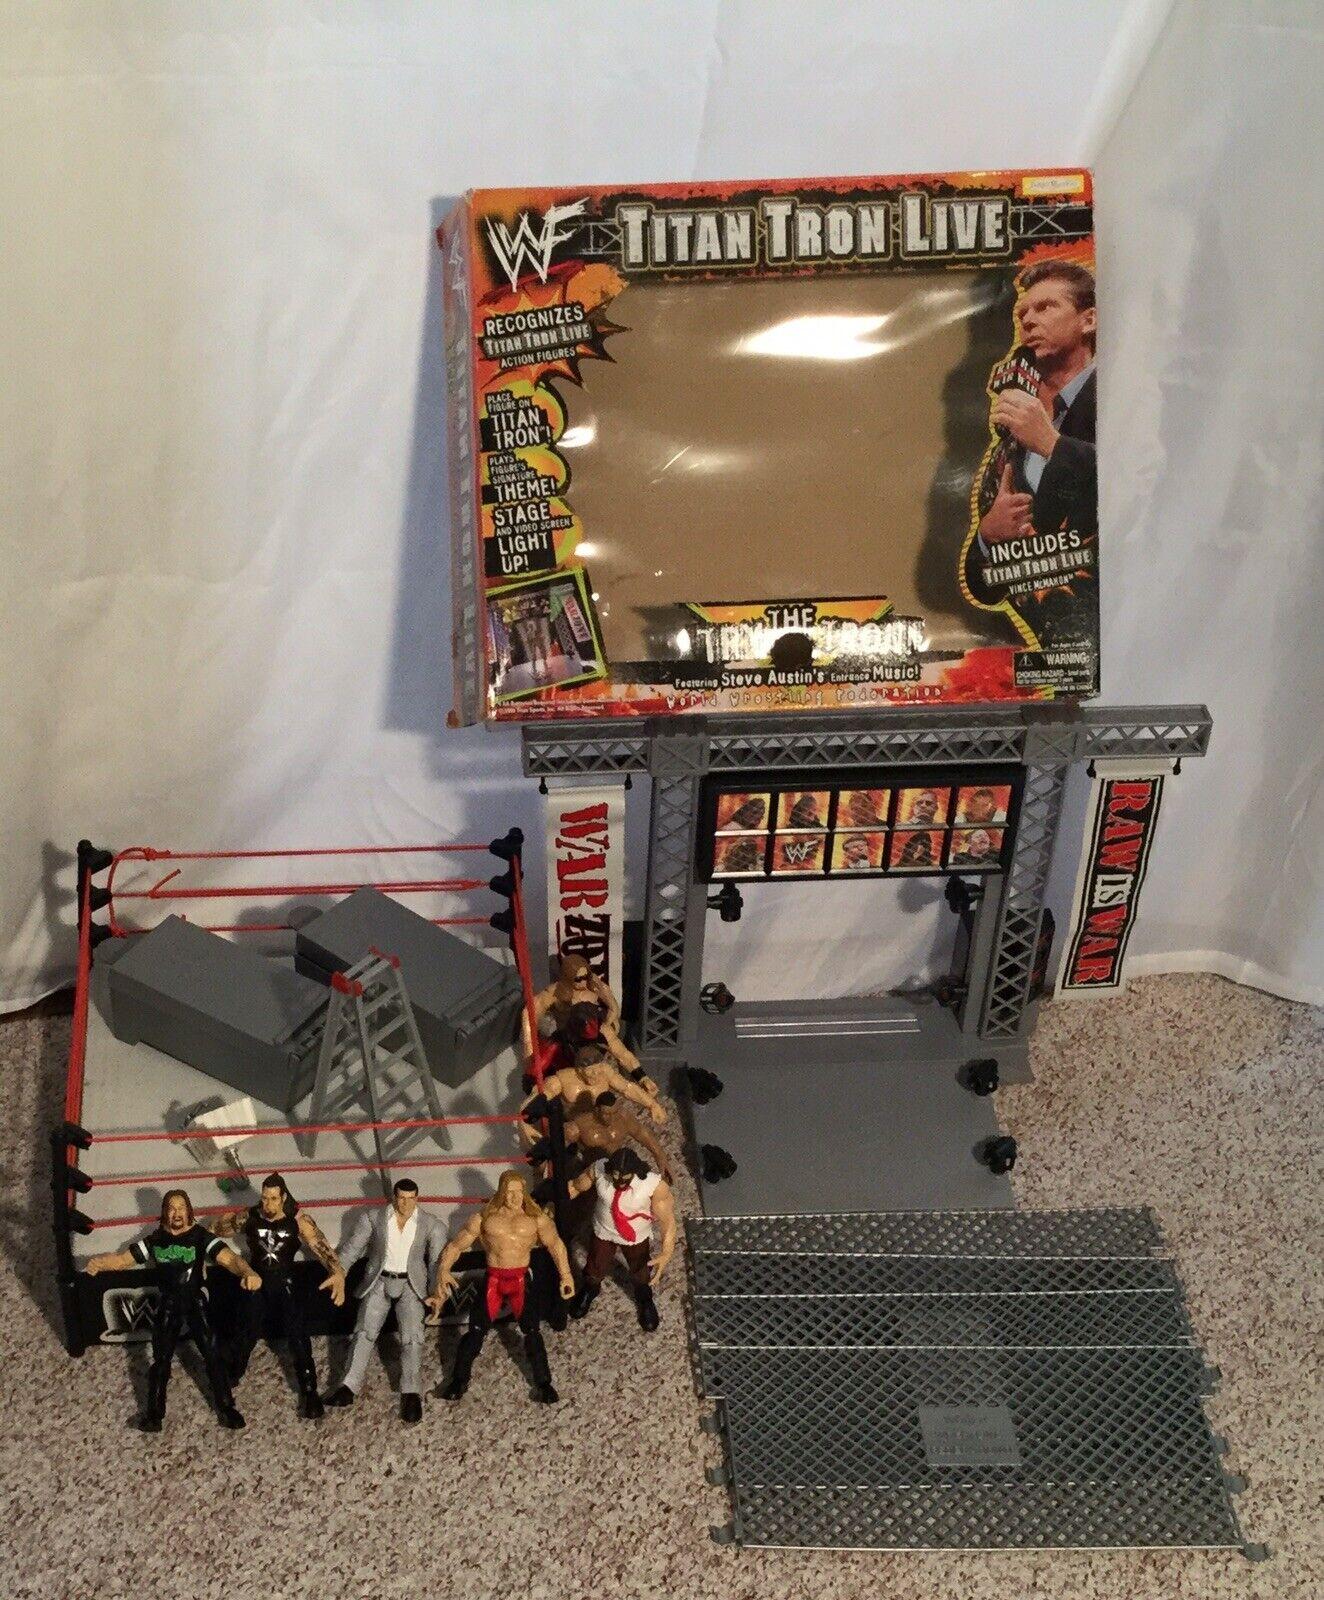 Huge Wrestling  Lot Titan Tron Live completare WWE WWF + More cifras e Props  grandi offerte